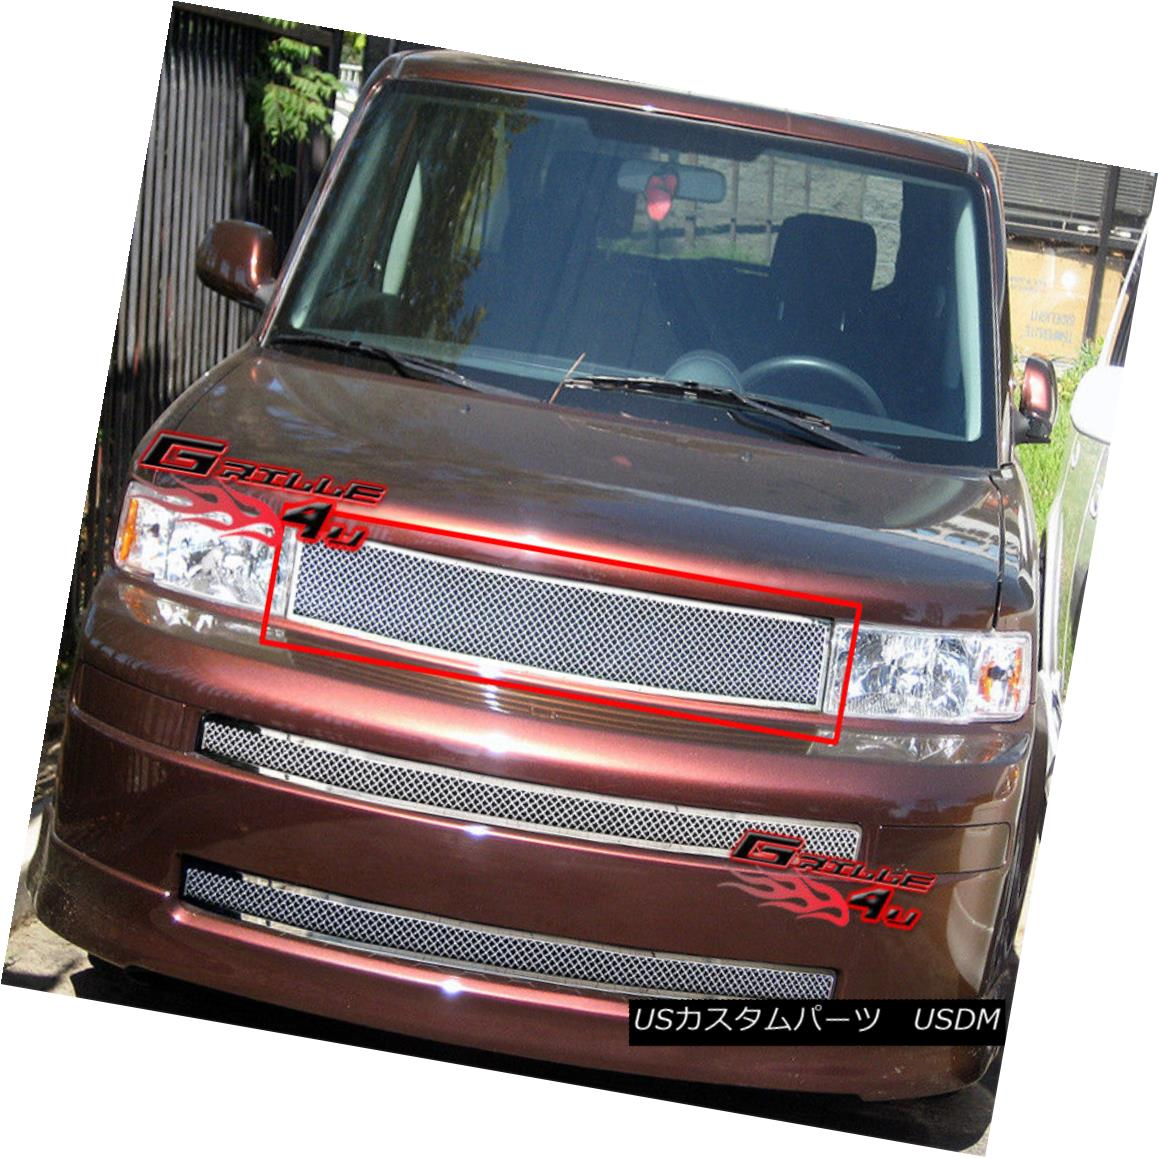 グリル Fits 2003-2007 Scion XB Stainless Steel Mesh Grille Insert 2003-2007 Scion XBステンレスメッシュグリルインサート